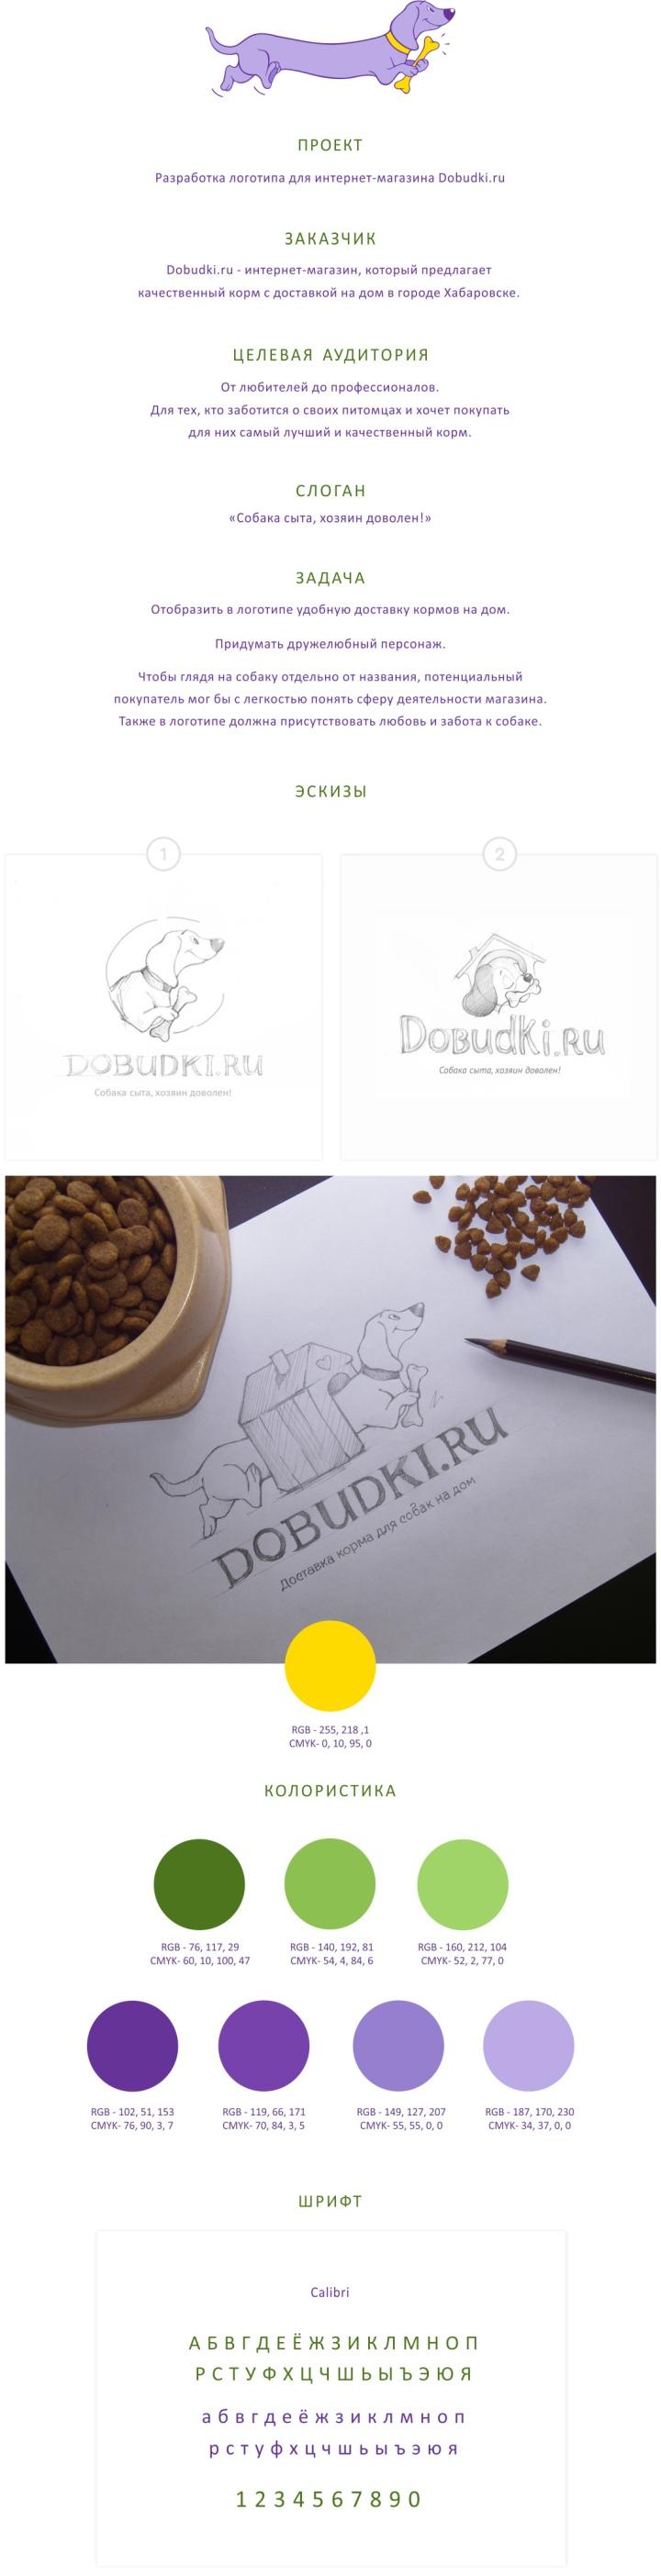 studio11_dobudki.ru_1